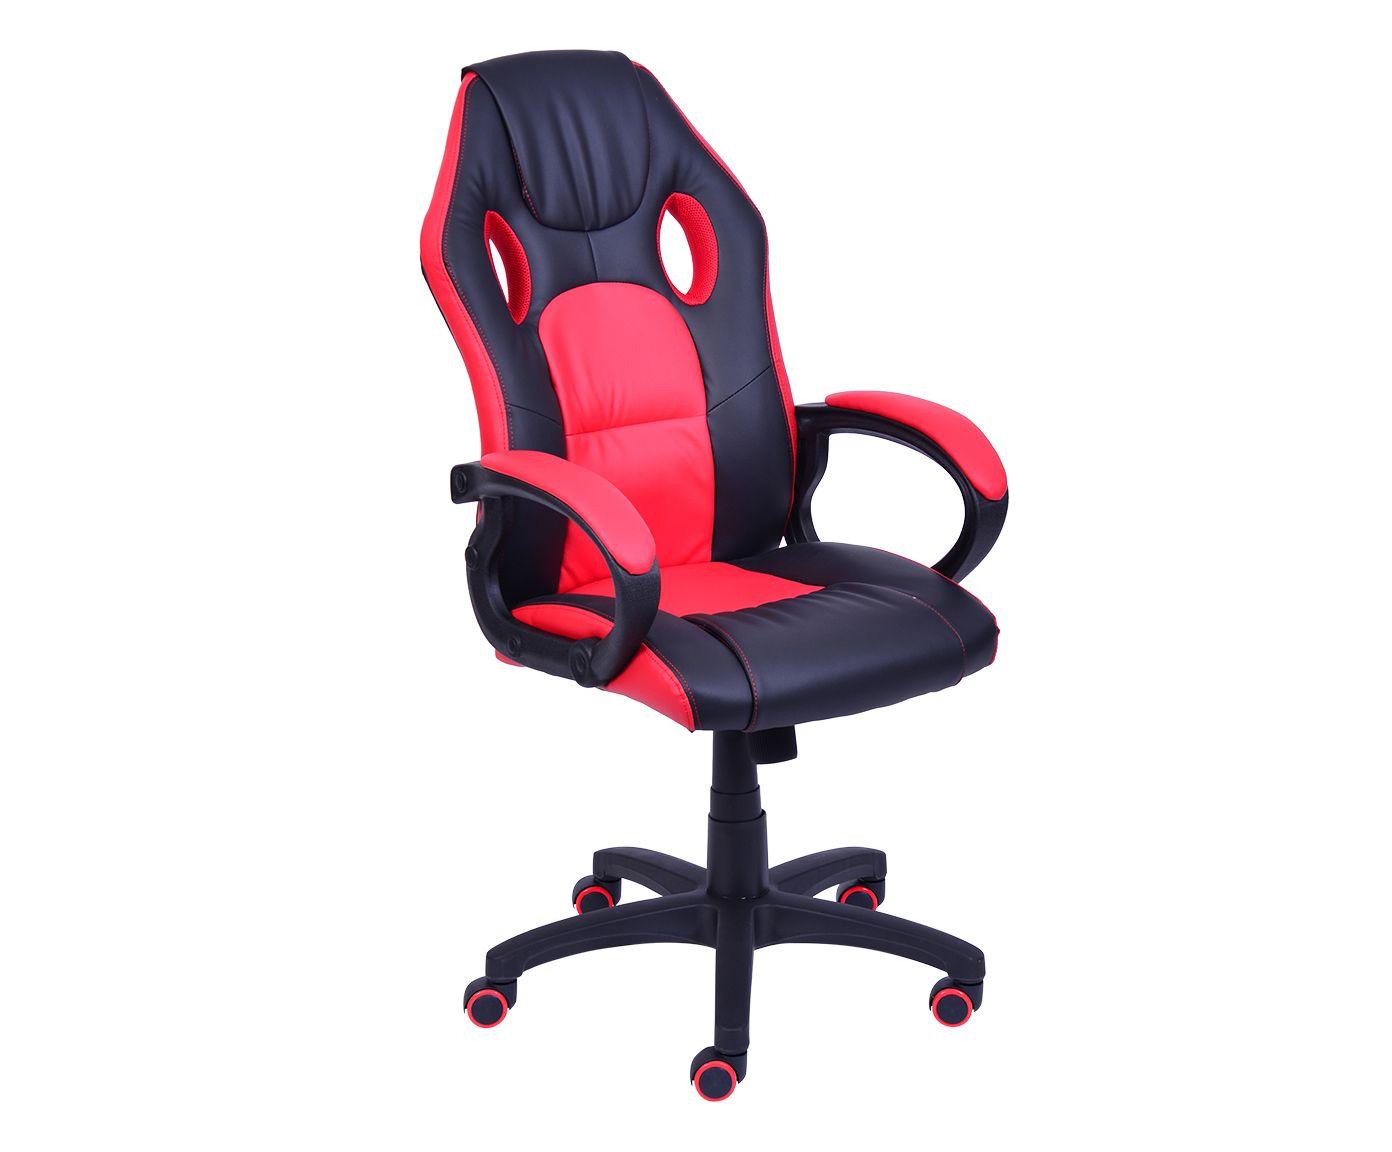 Cadeira Gamer com Rodízios Play Vermelha - 60X117cm | Westwing.com.br